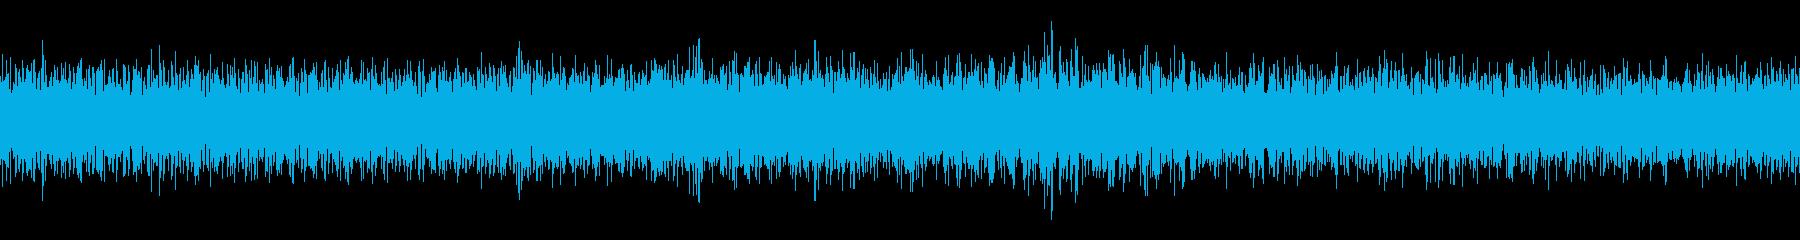 ダンプカーのアイドリングの再生済みの波形